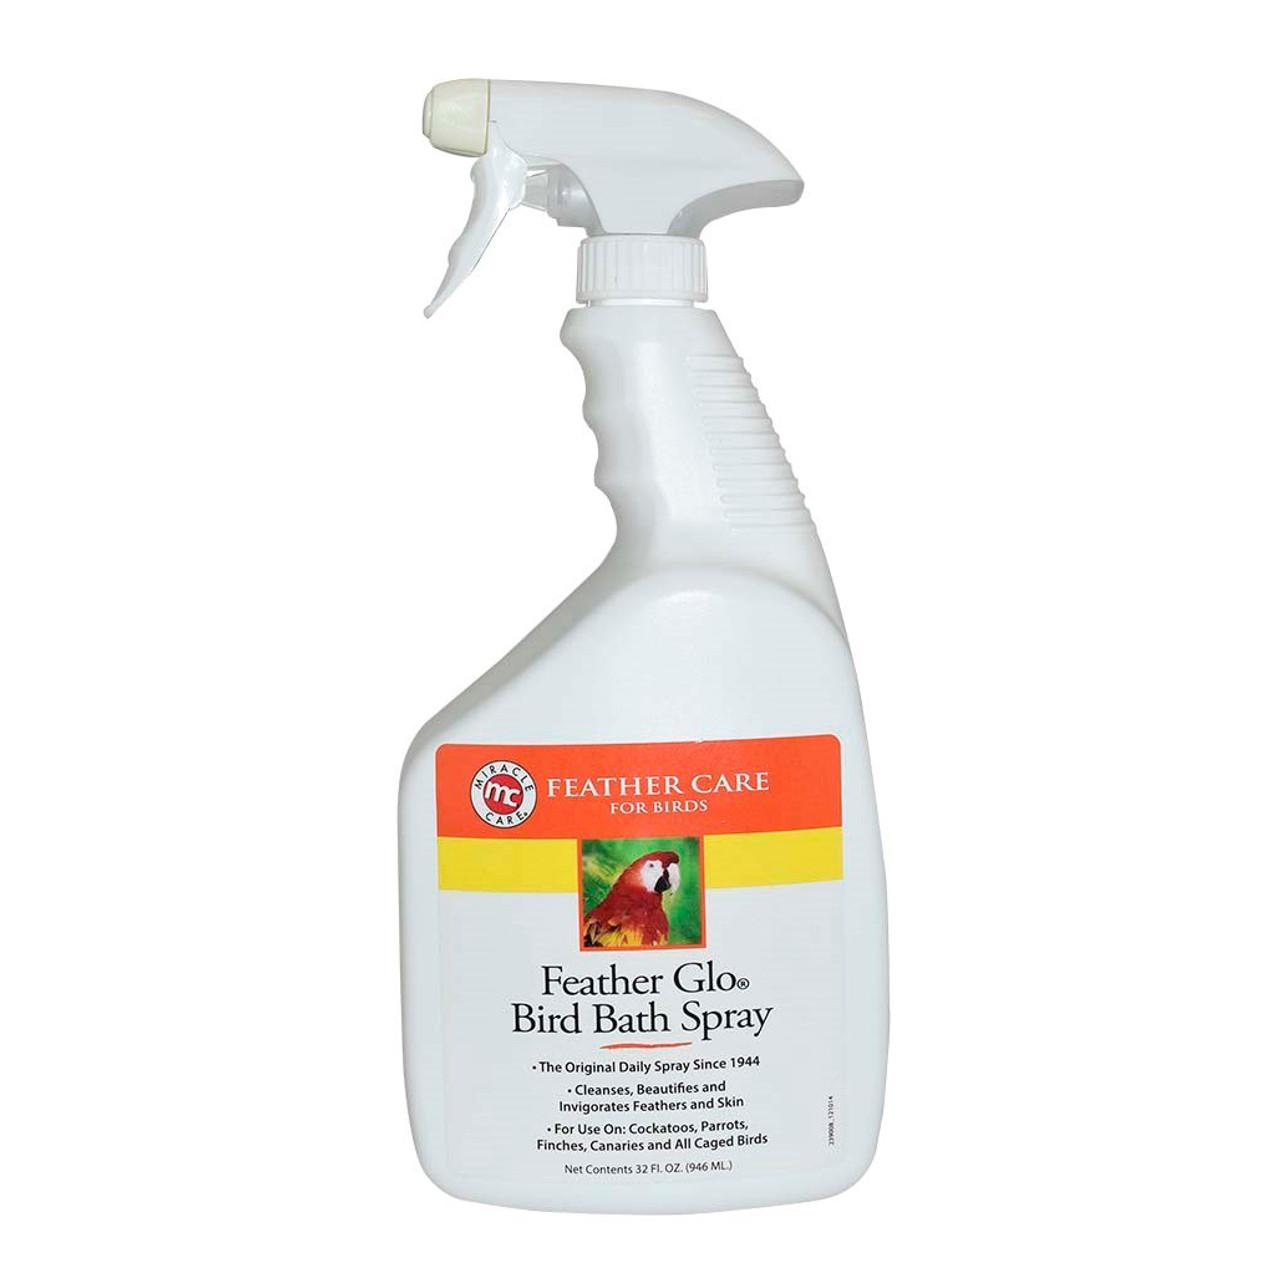 Feather Glo Bird Bath Spray